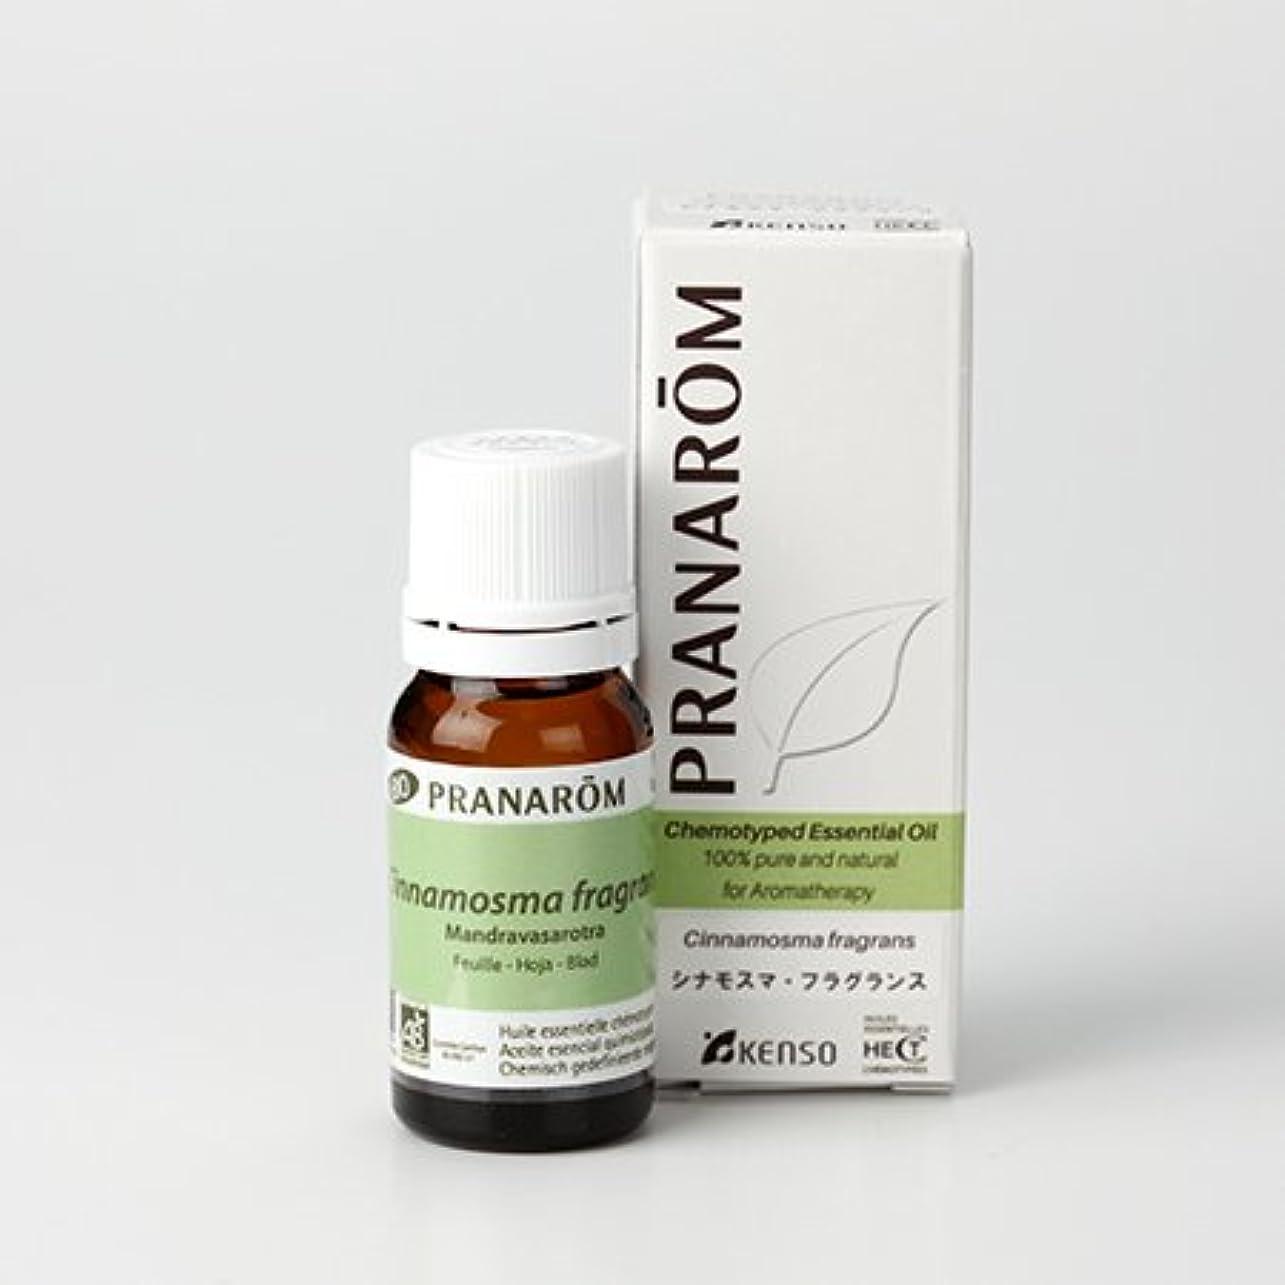 通信するエジプトサンダースプラナロム ( PRANAROM ) 精油 シナモスマ?フラグランス 10ml p-32